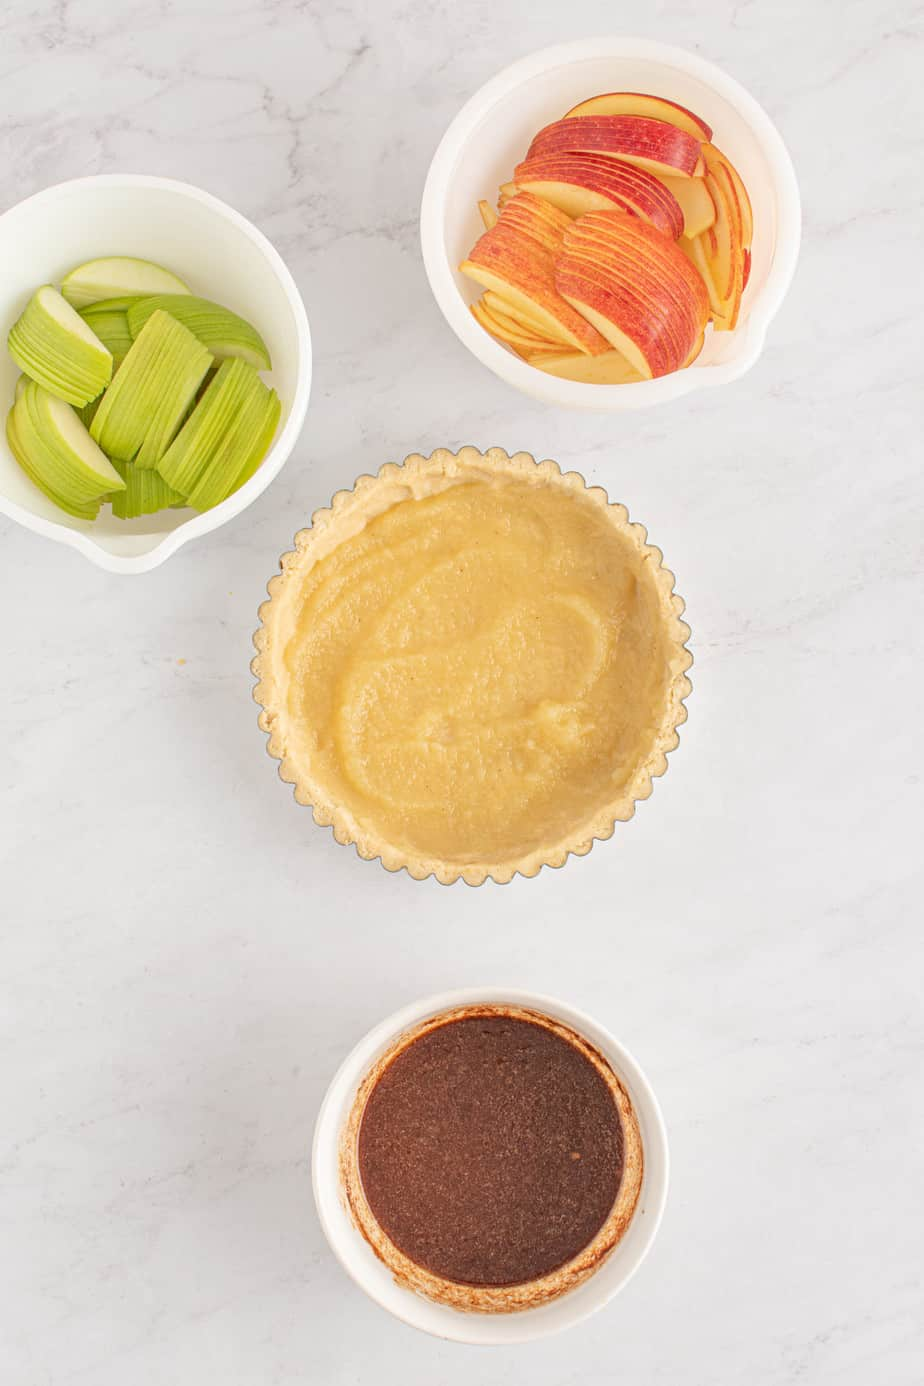 Filling the apple tart.